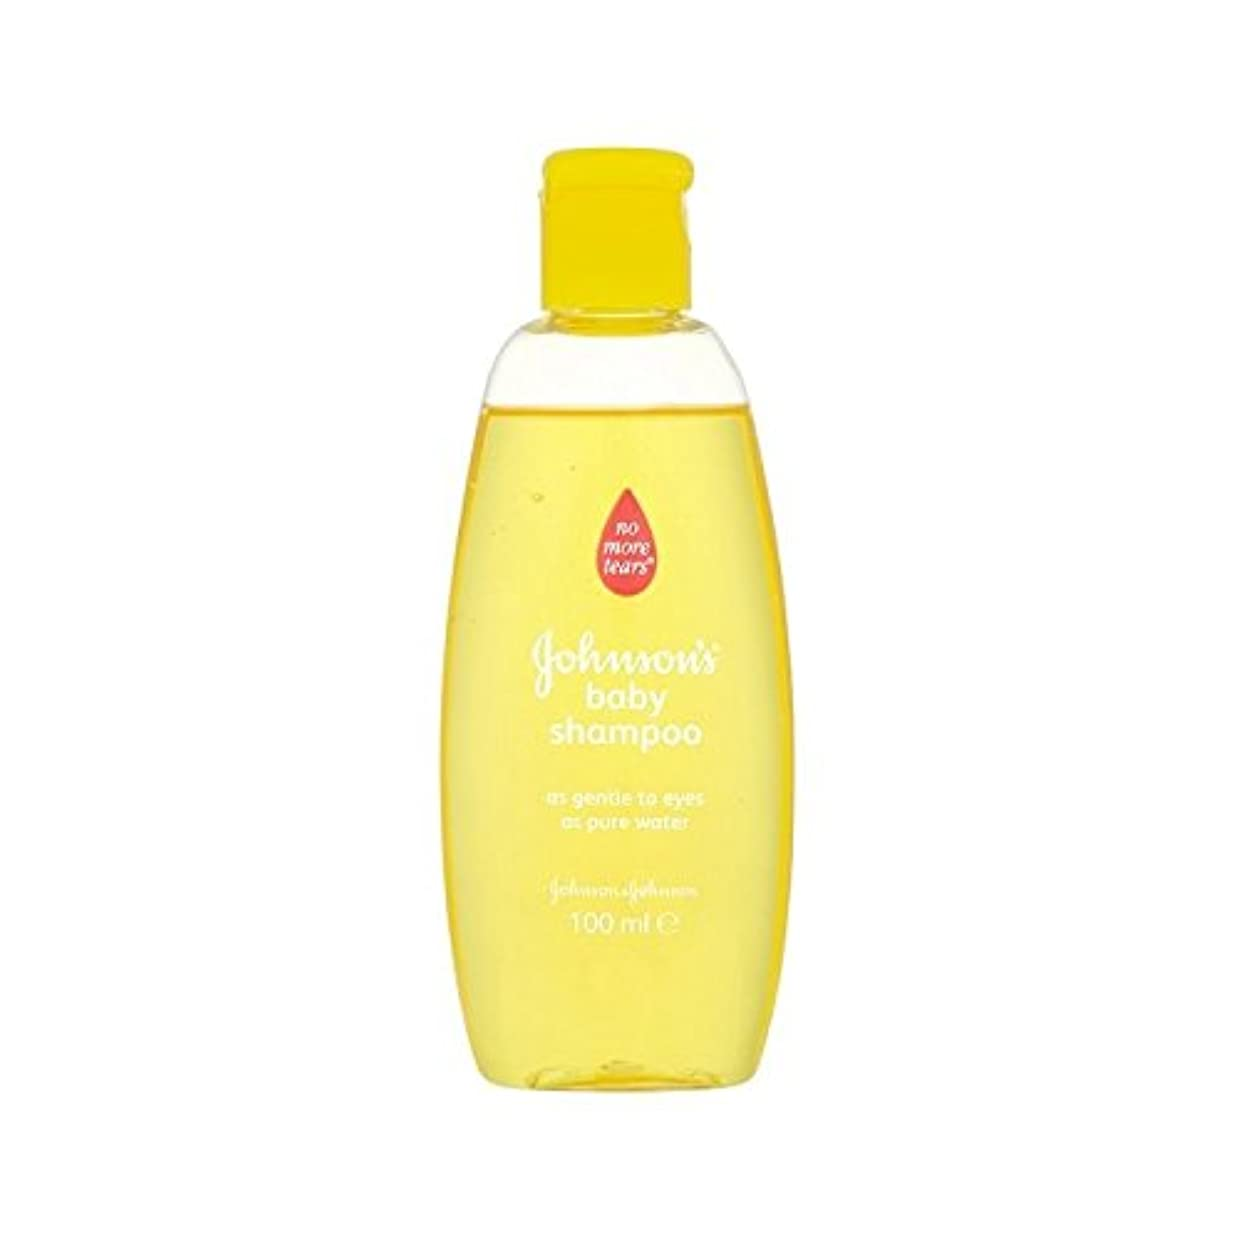 者希少性支払い金旅行シャンプー100ミリリットル (Johnson's Baby) (x 2) - Johnson's Baby Gold Travel Shampoo 100ml (Pack of 2) [並行輸入品]